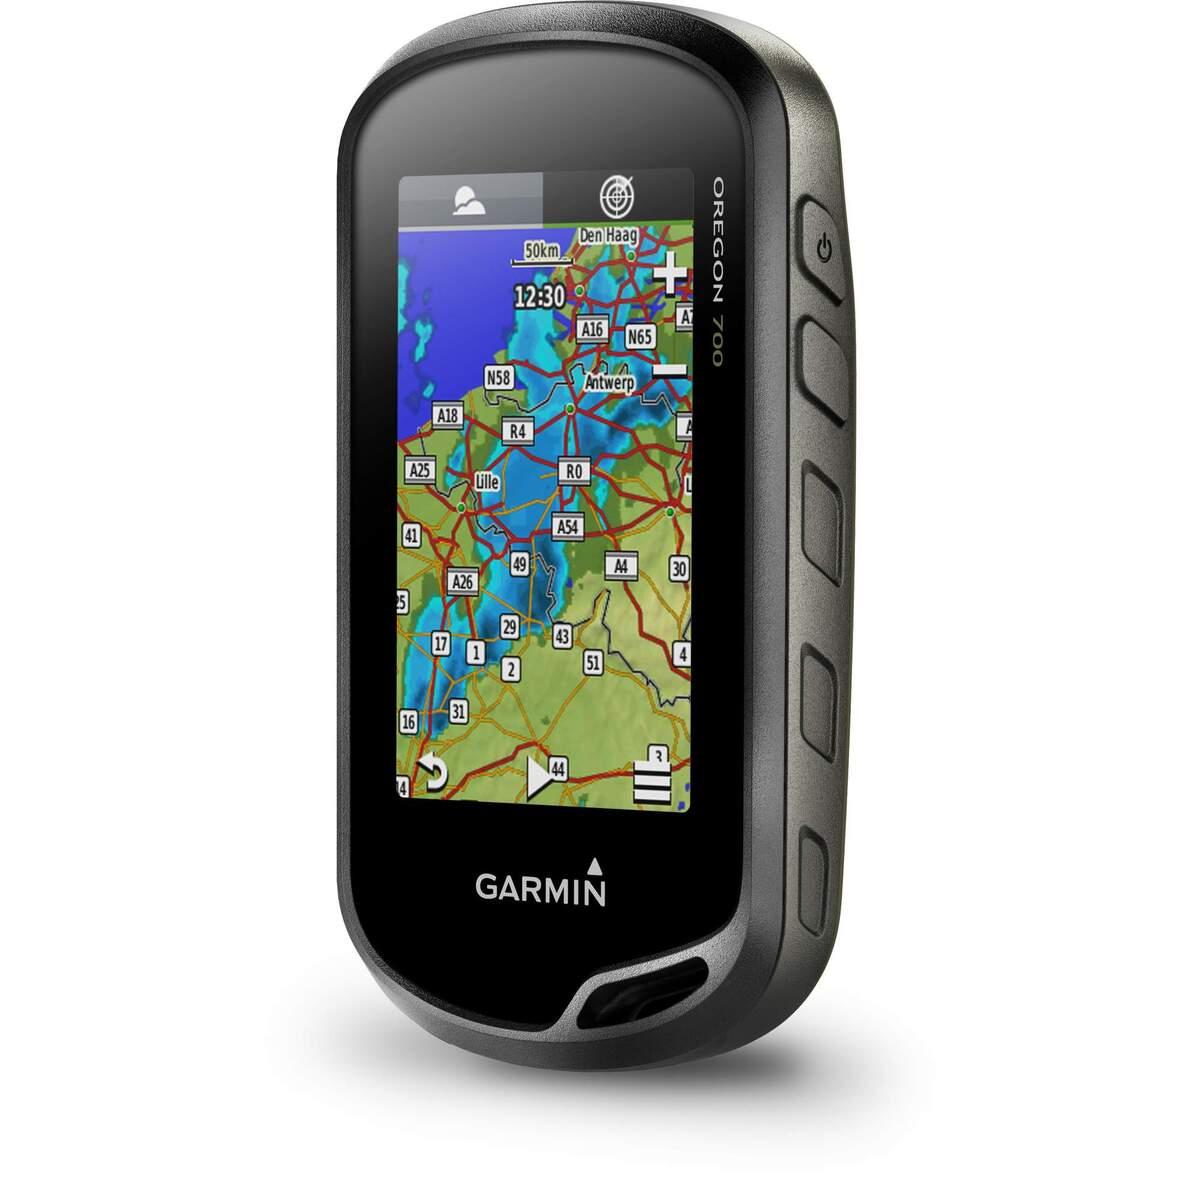 Bild 2 von Garmin OREGON 750T TOPOACTIVE EUROPE - GPS-Gerät